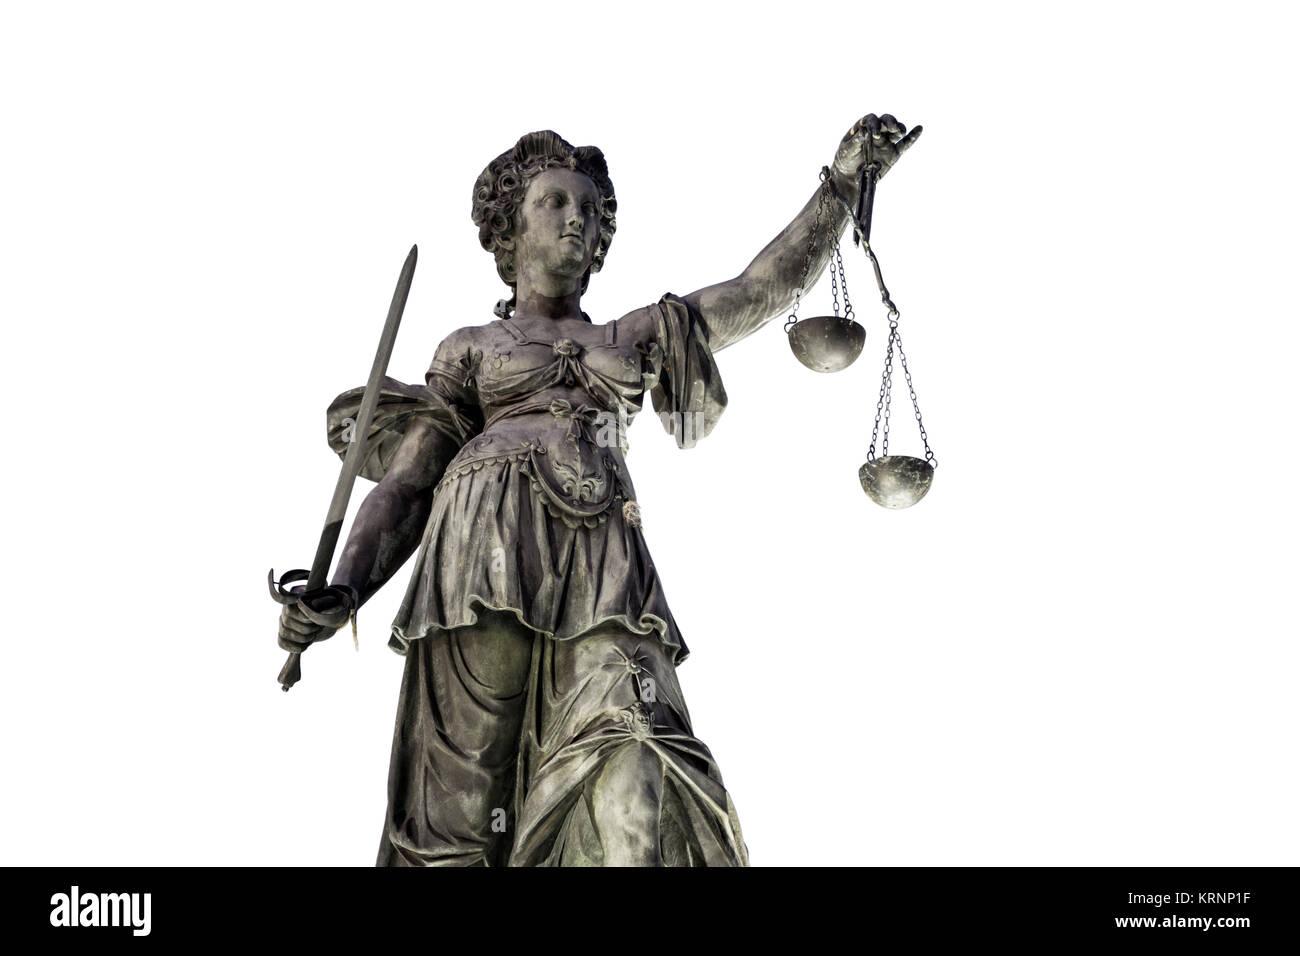 Justitia, die Göttin der Gerechtigkeit, der Brunnen der Gerechtigkeit, Knockout, Roemerberg, Frankfurt, Deutschland Stockbild